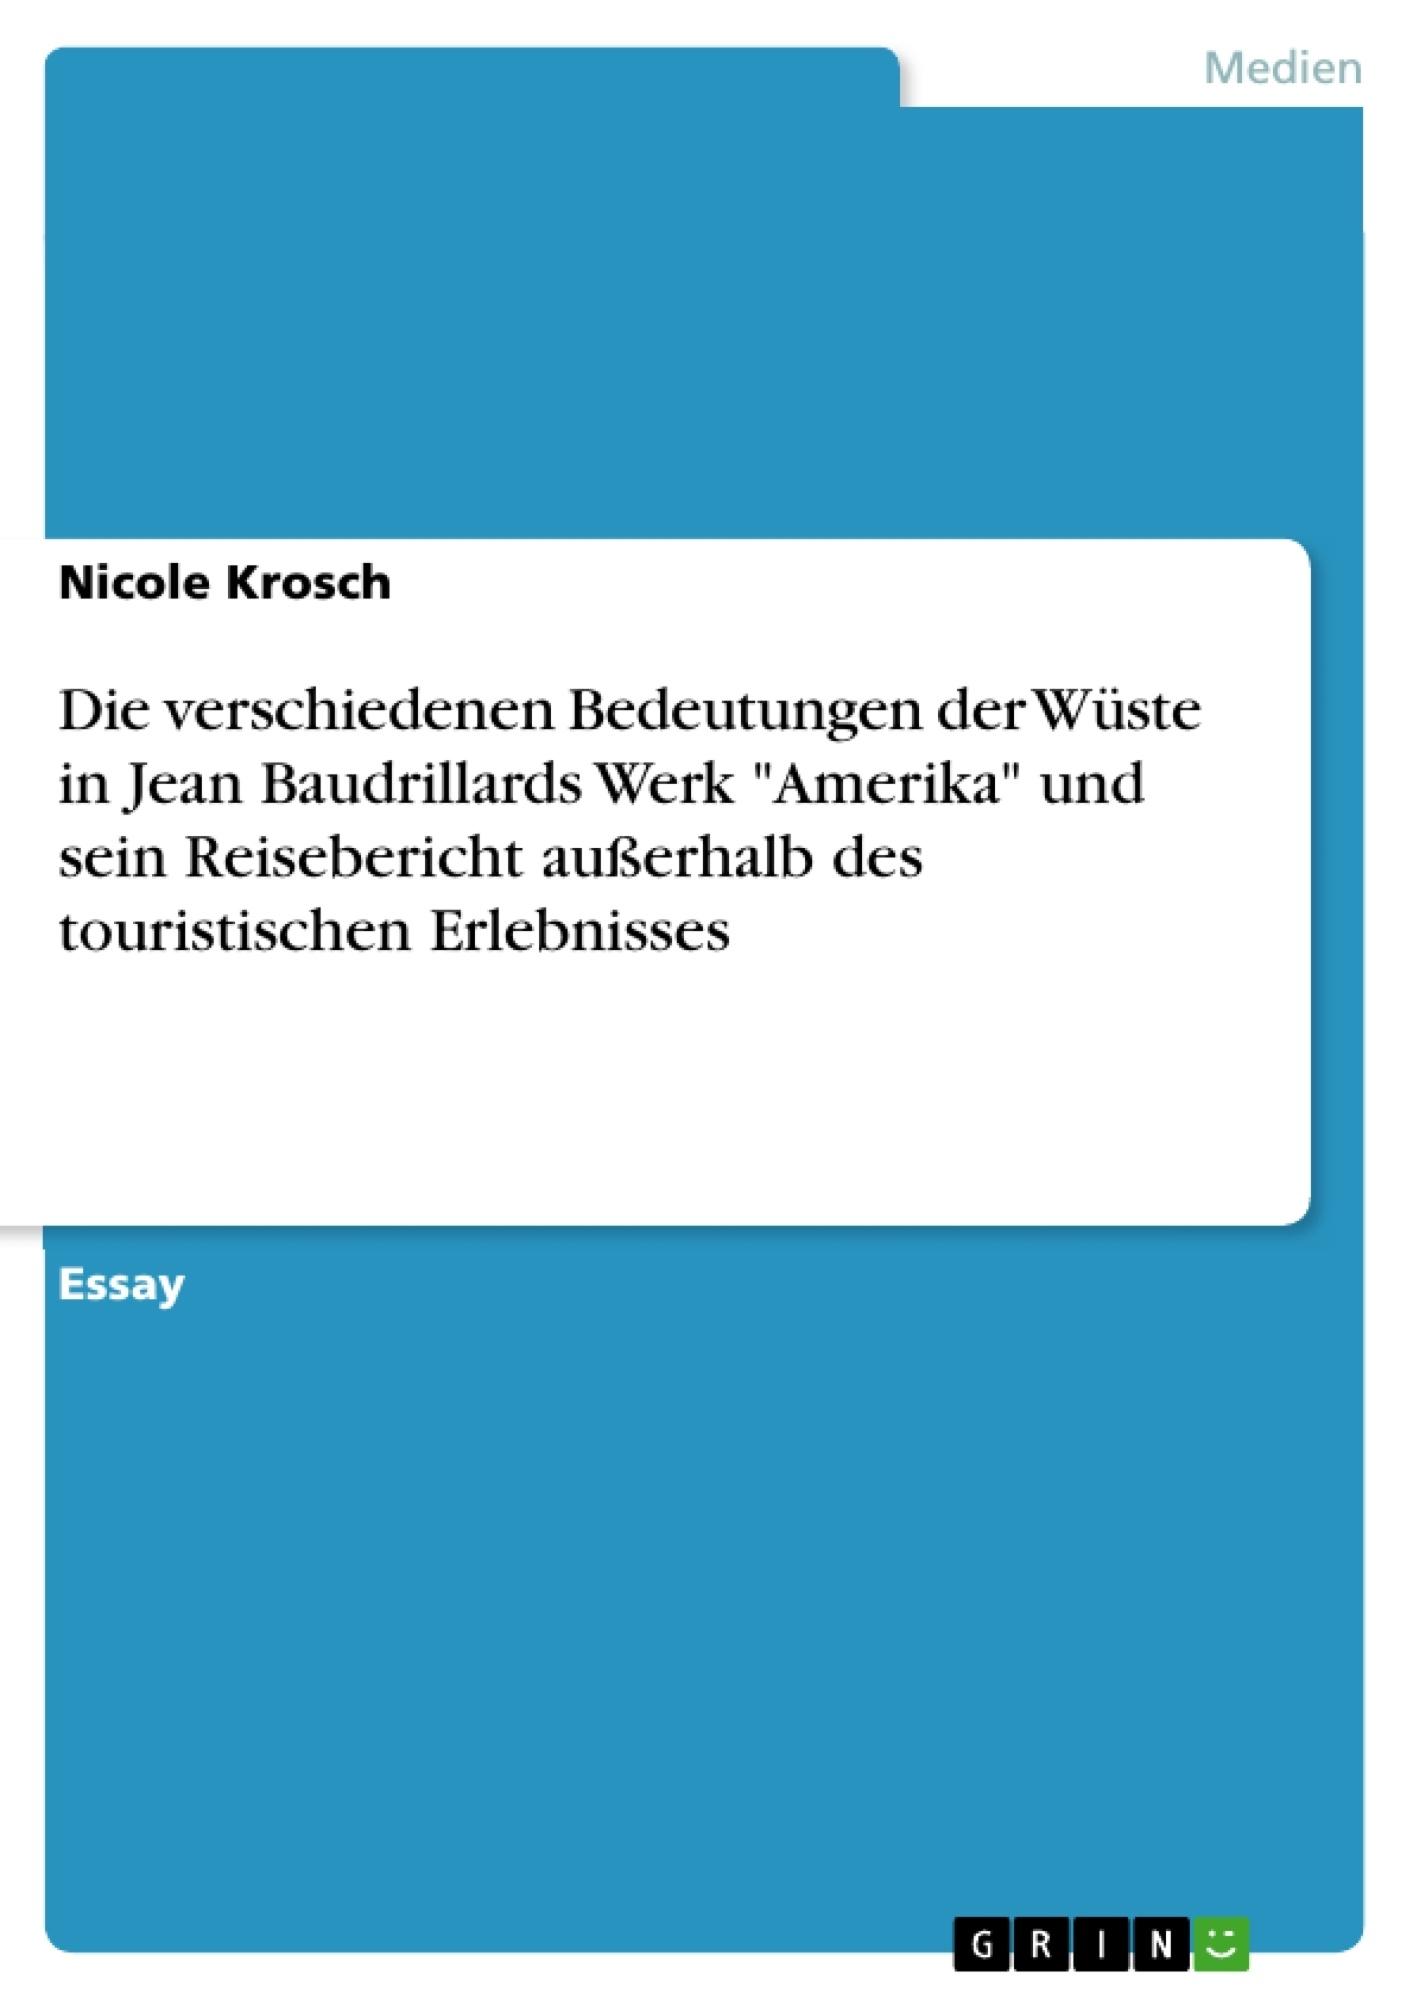 """Titel: Die verschiedenen Bedeutungen der Wüste in Jean Baudrillards Werk """"Amerika"""" und sein Reisebericht außerhalb des touristischen Erlebnisses"""